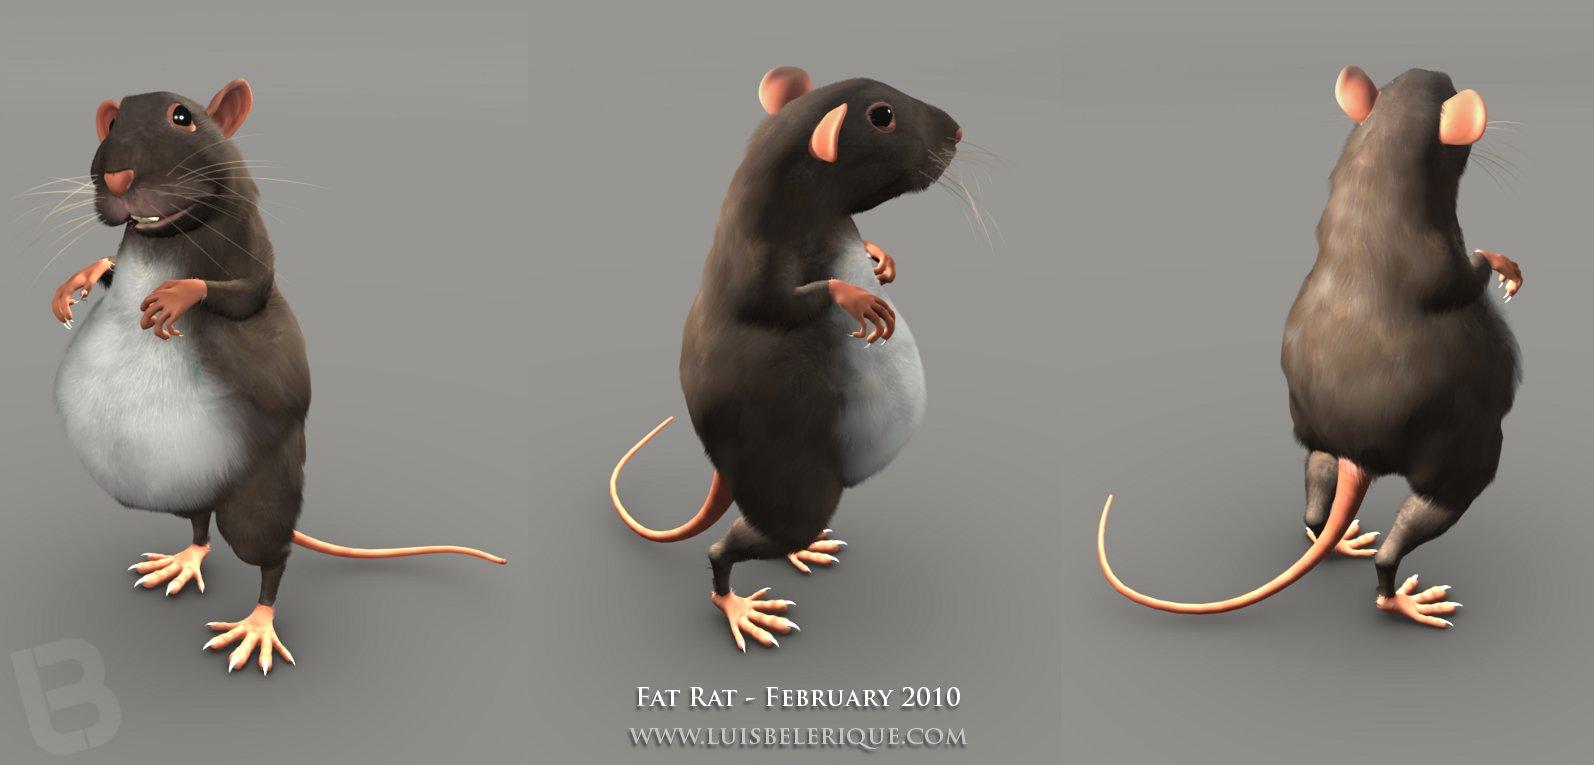 Kan fort bli store summer ut av monster-rotte-bildet! thumbnail